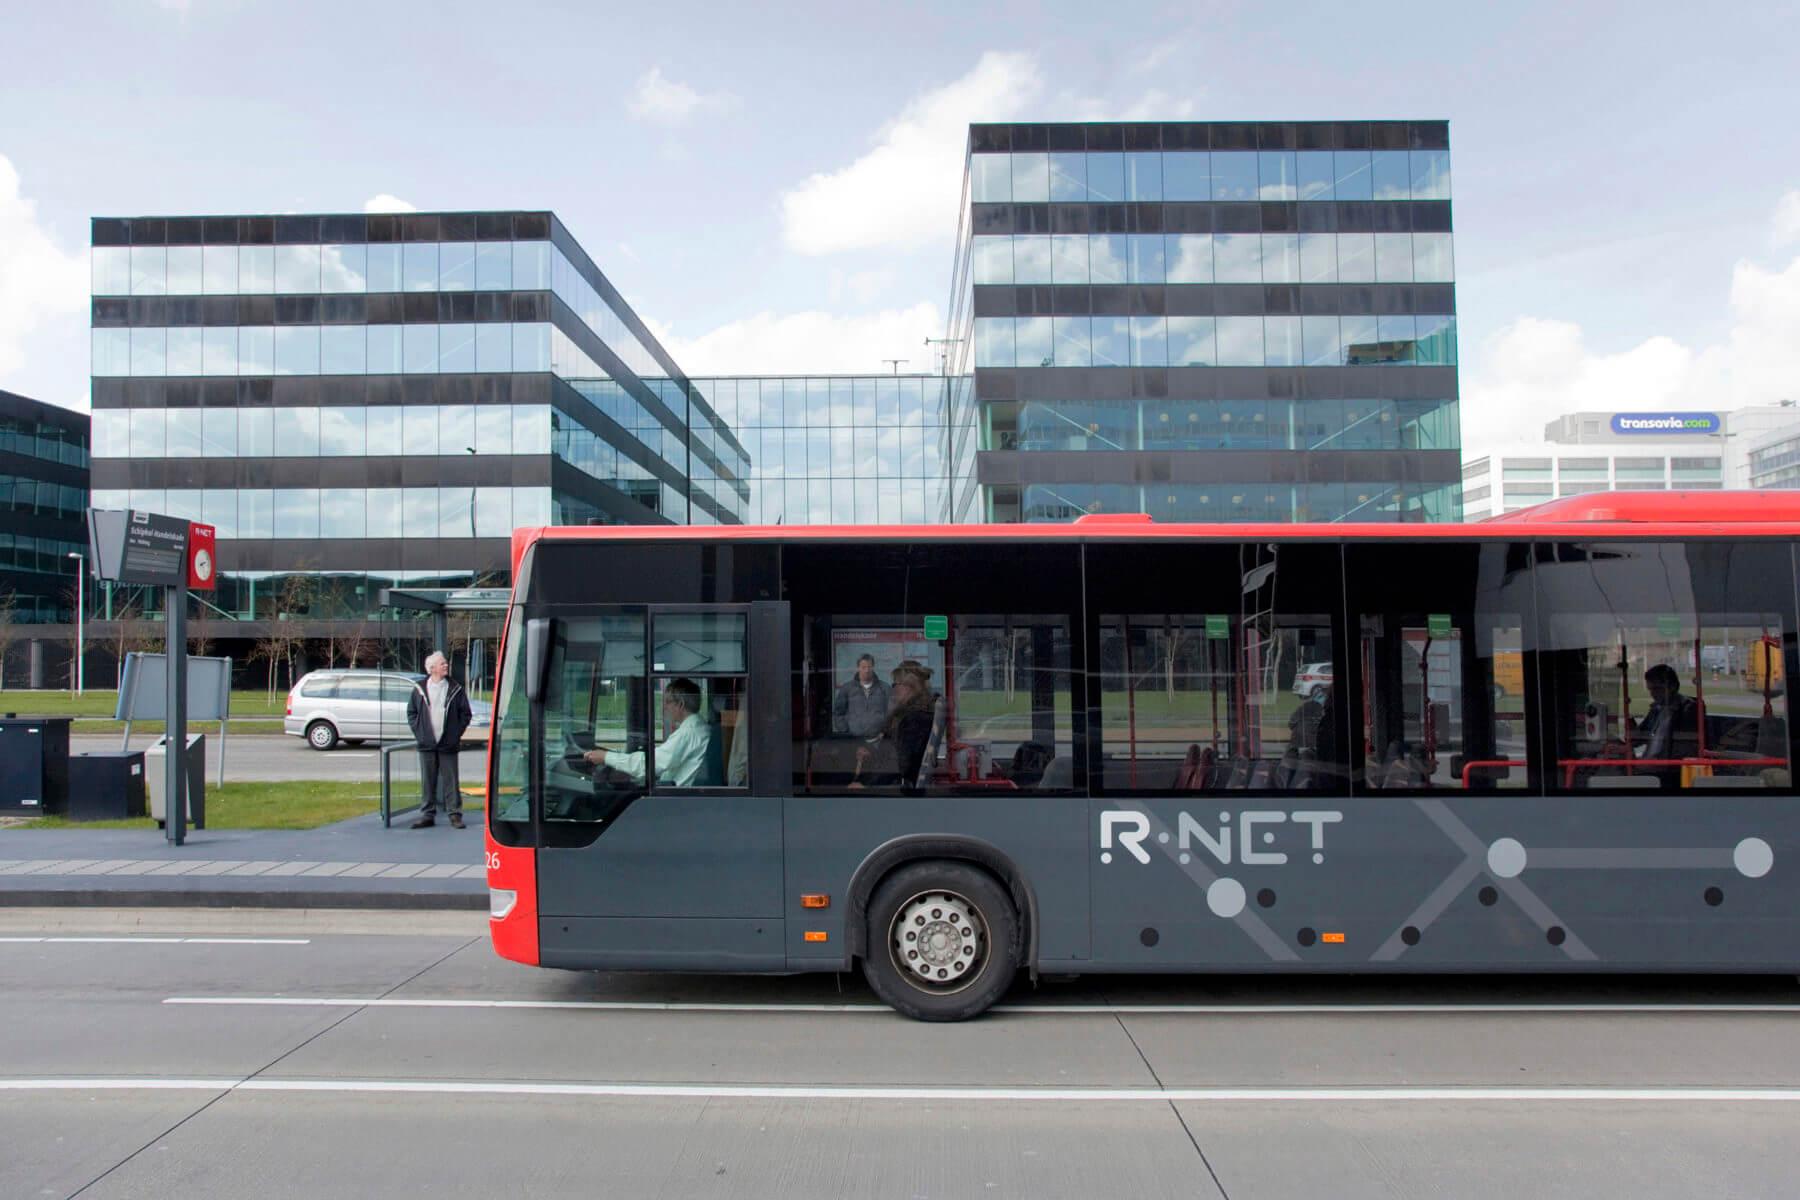 R-Net bus zijkant met logo